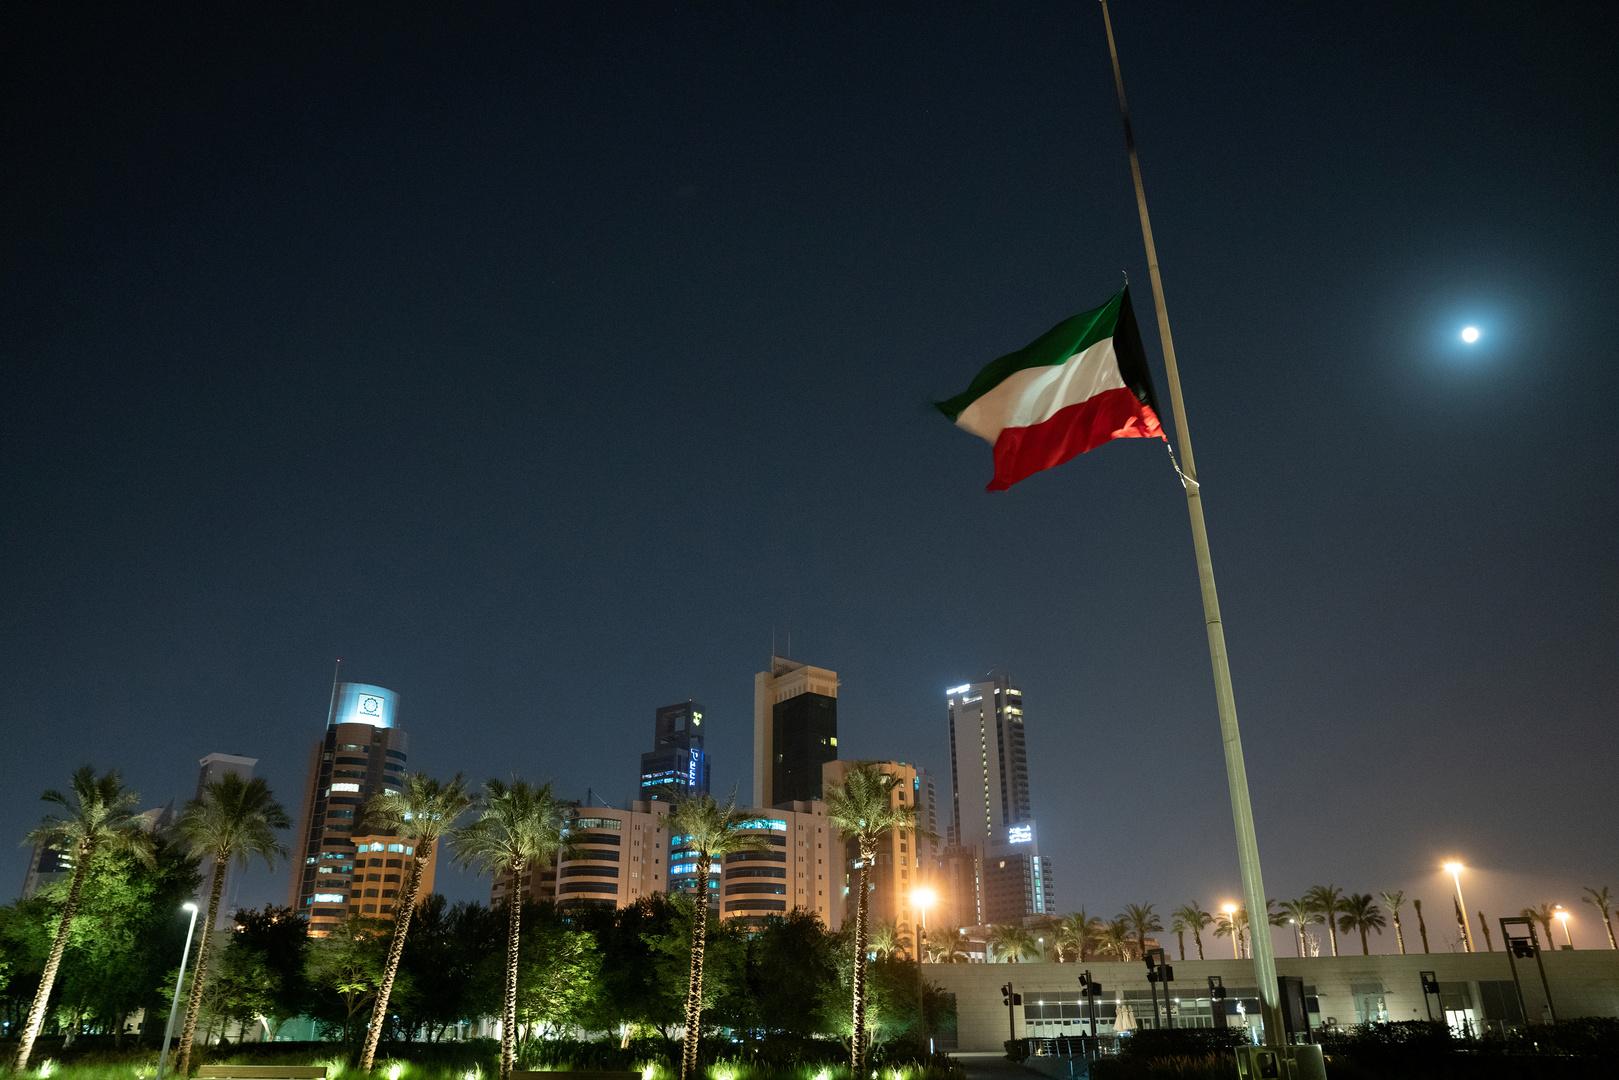 الكويت تحدد لمواطنيها الشروط المطلوبة للراغبين بأداء العمرة خلال رمضان المبارك